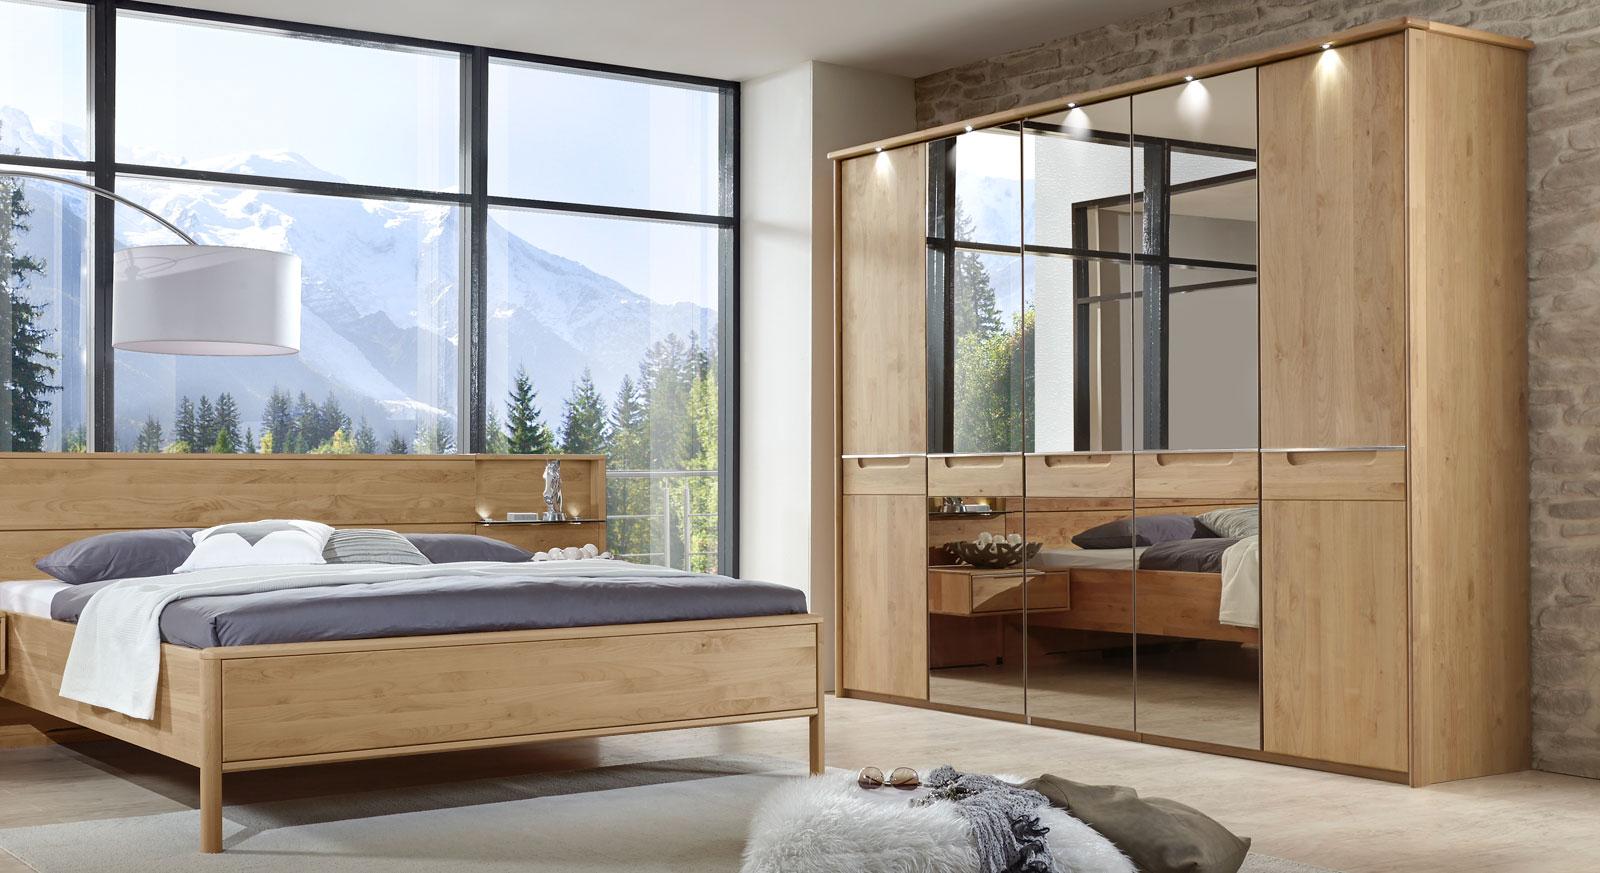 Spiegel-Drehtüren-Kleiderschrank Fria mit LED-Beleuchtung